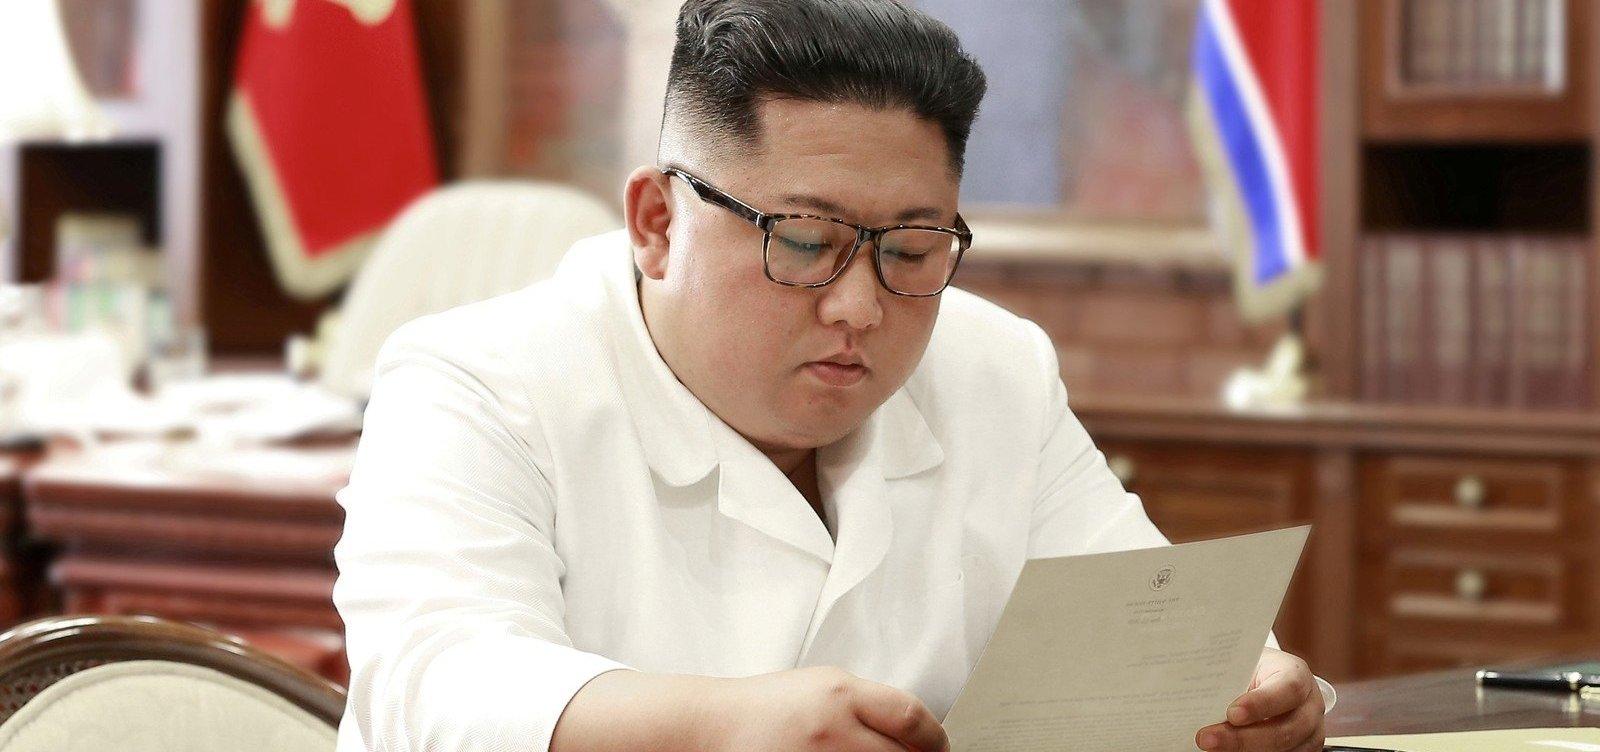 [Kim recebe carta de Trump e se diz satisfeito com 'excelente' conteúdo]